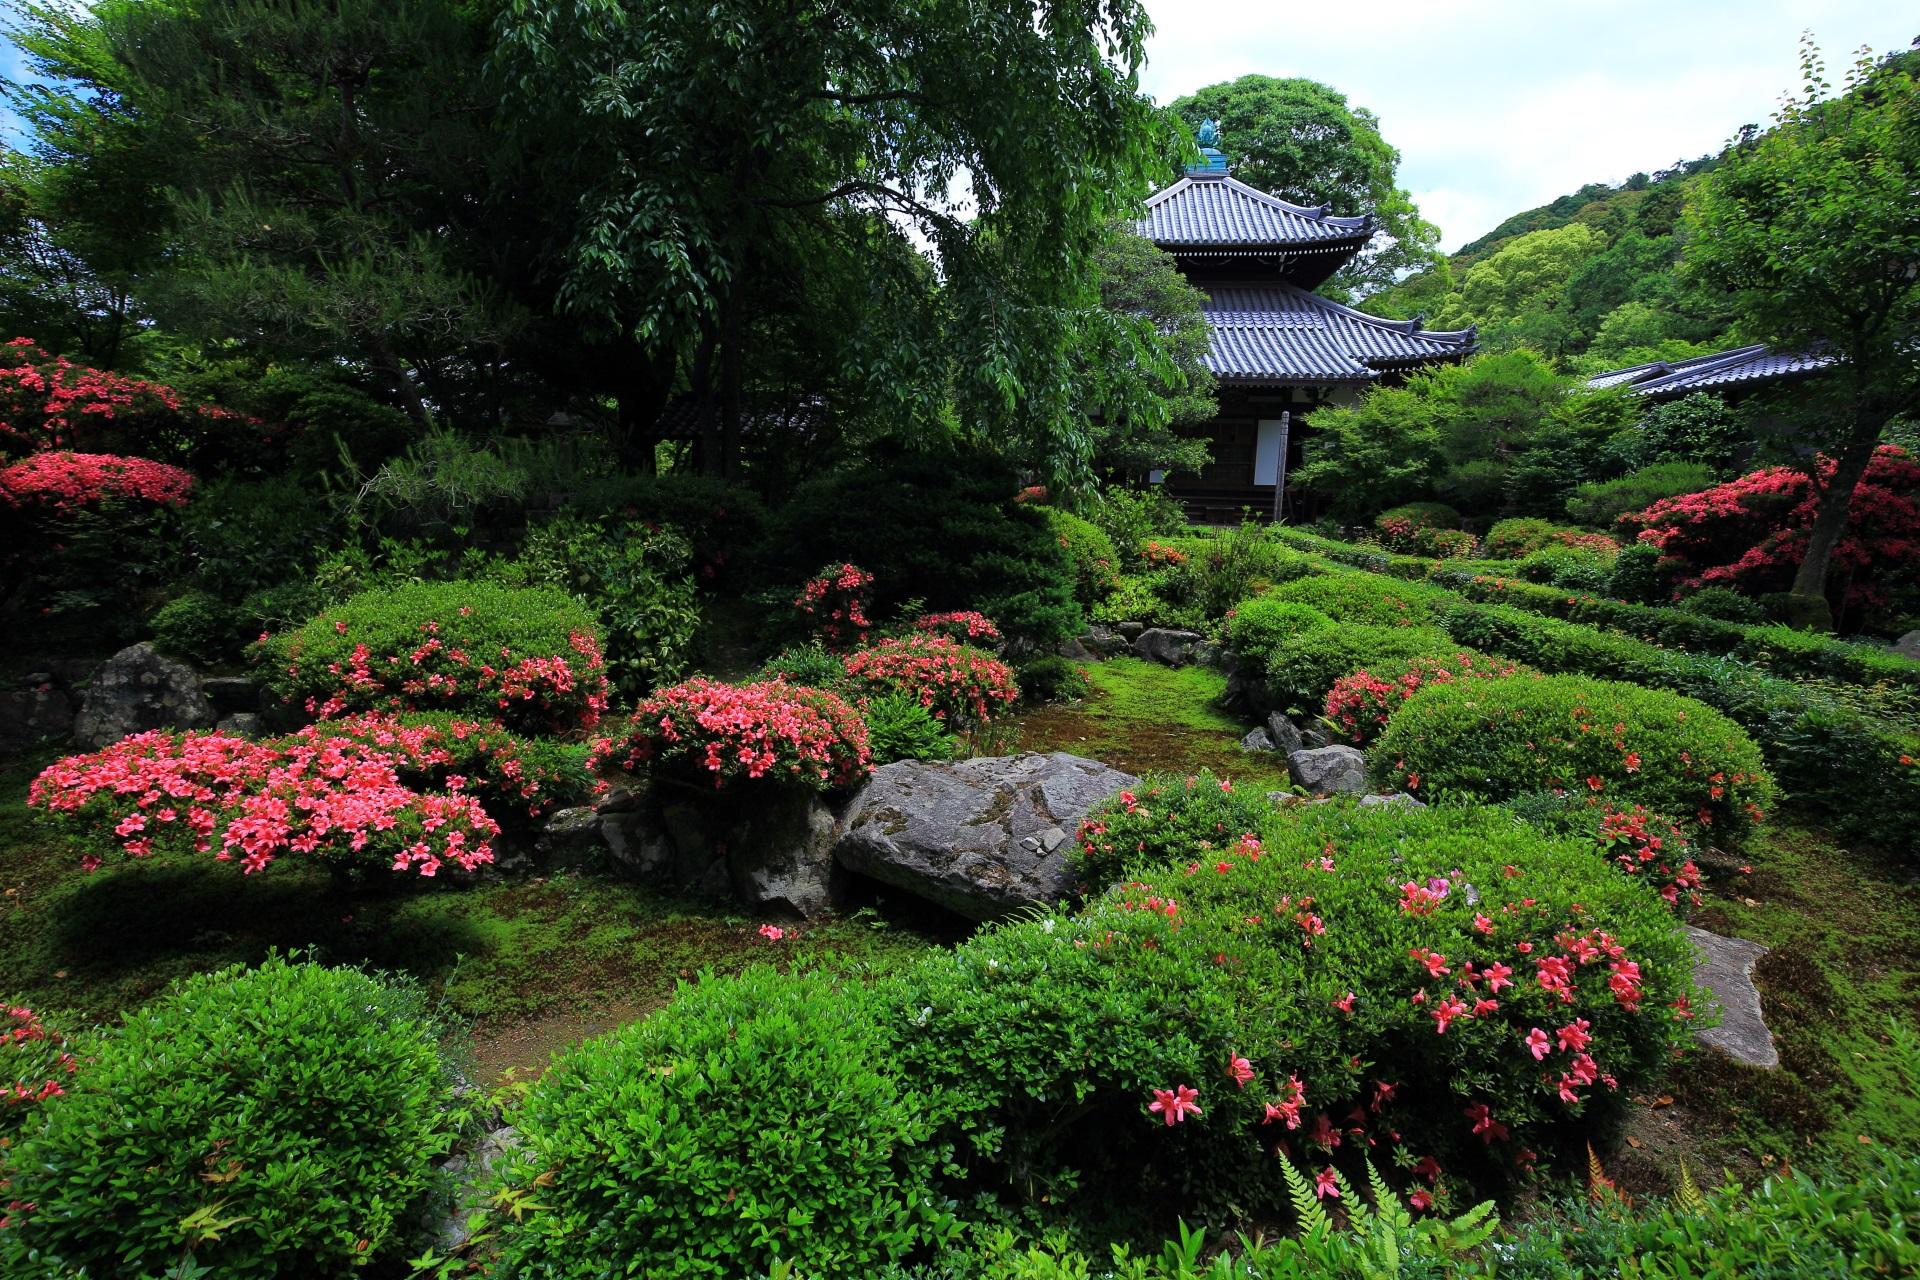 山門をくぐれば広がる緑とピンクの庭園